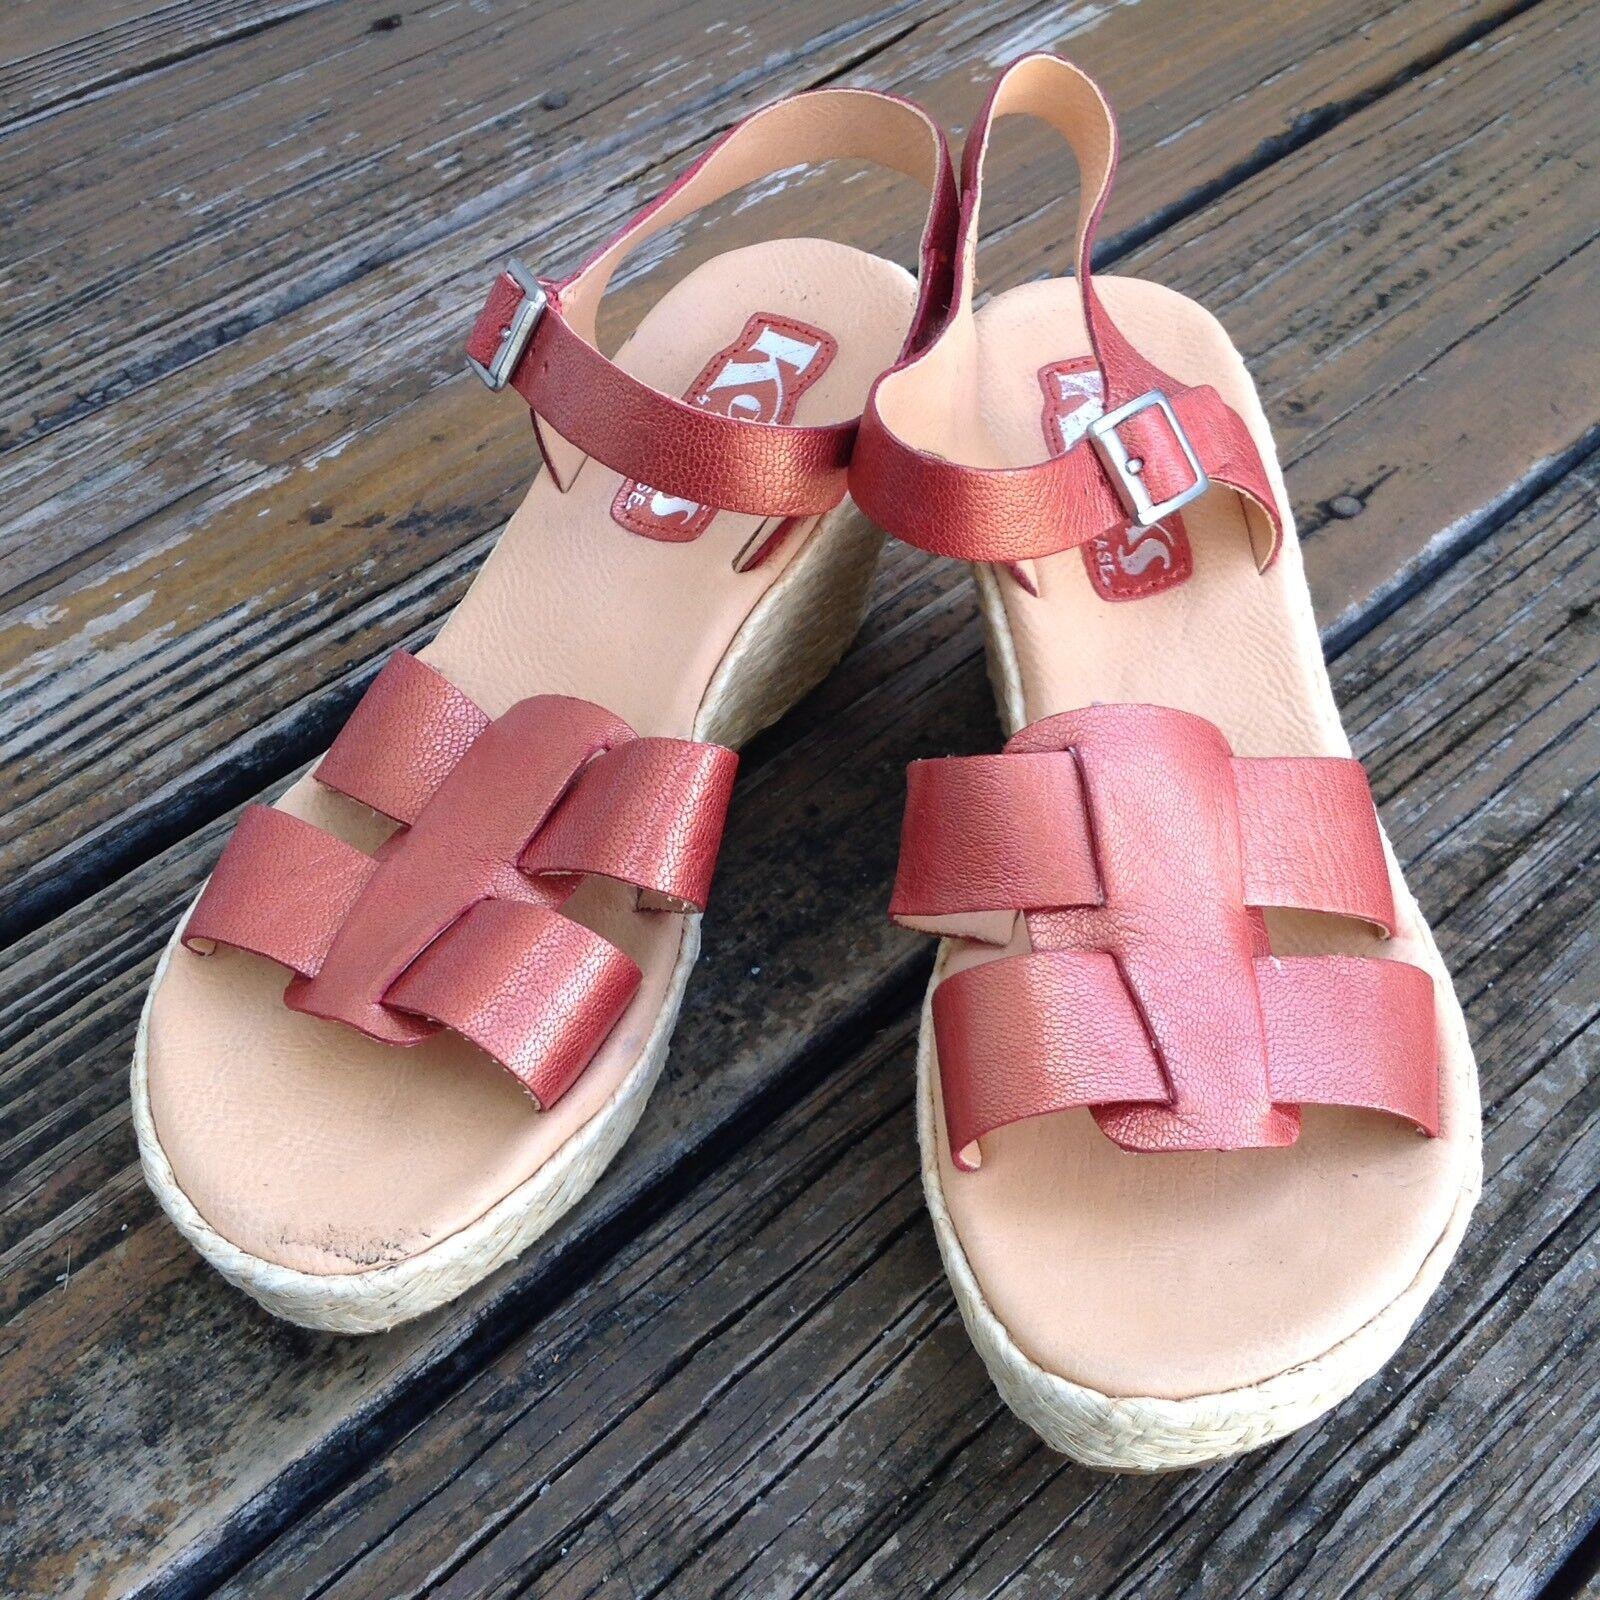 Kork ease Sandalias De Cuña Con Plataforma Puntera Abierta Metálico Metálico Metálico 7 EU 38 calzado de cuero para mujer  tienda de ventas outlet